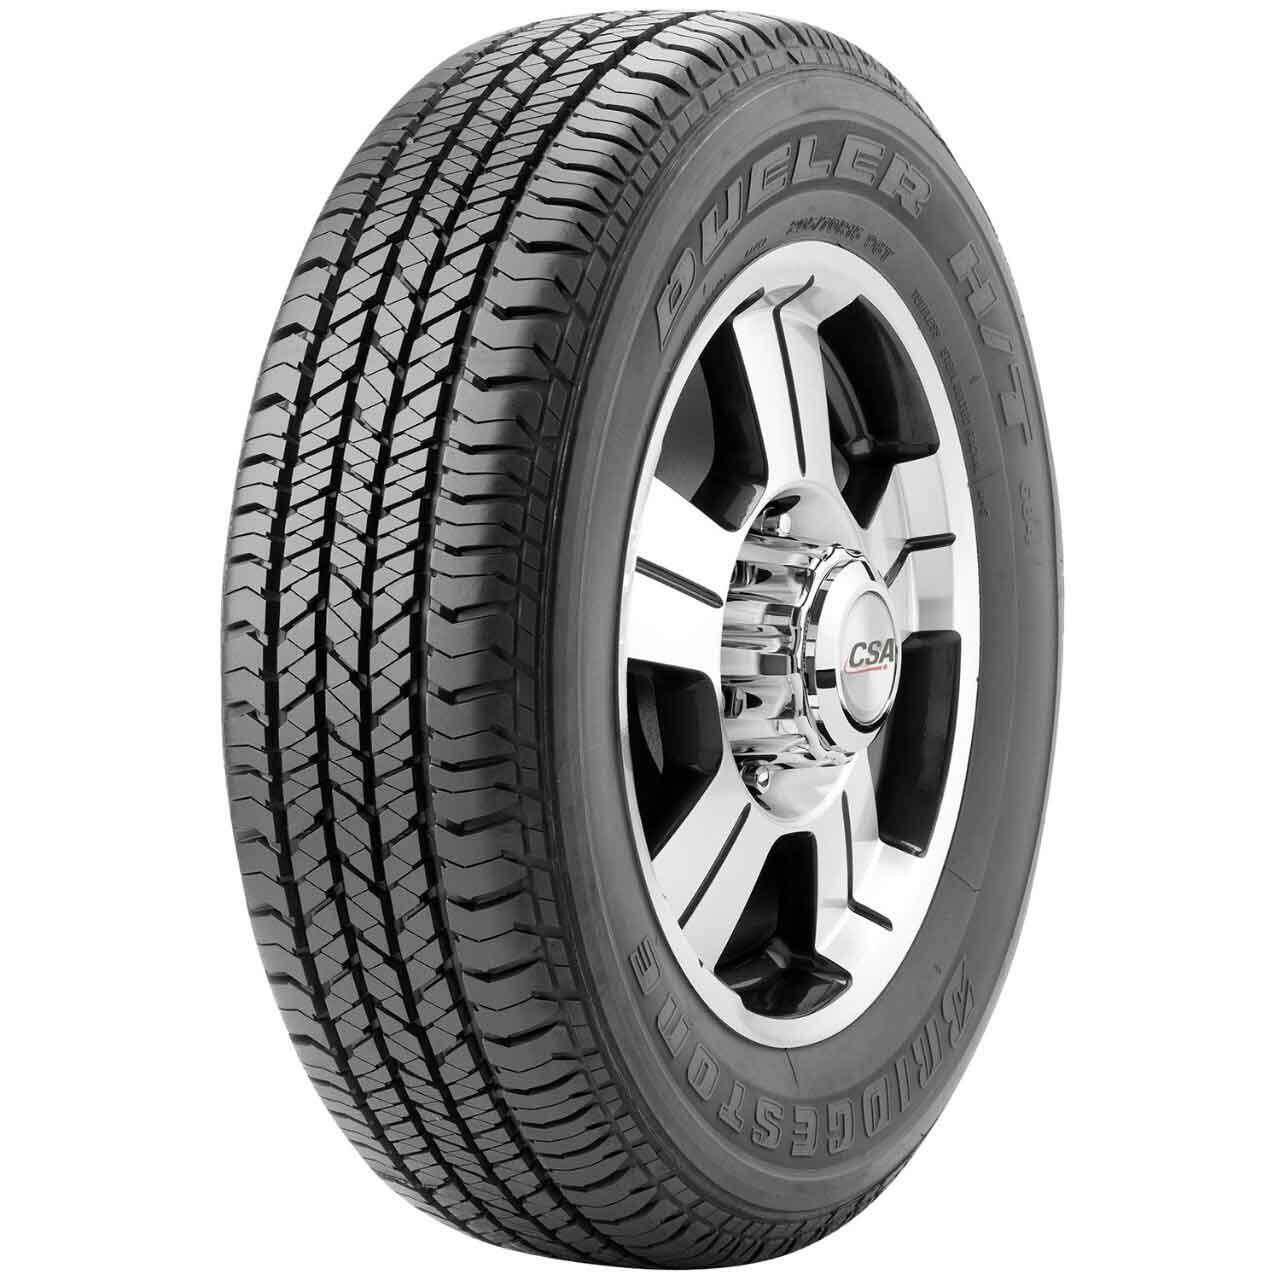 ซื้อที่ไหน  สุโขทัย Bridgestone ยางรถยนต์ 255/60R18 DUELER H/T 684II จำนวน 4 เส้น (ยางใหม่ปี 2019)